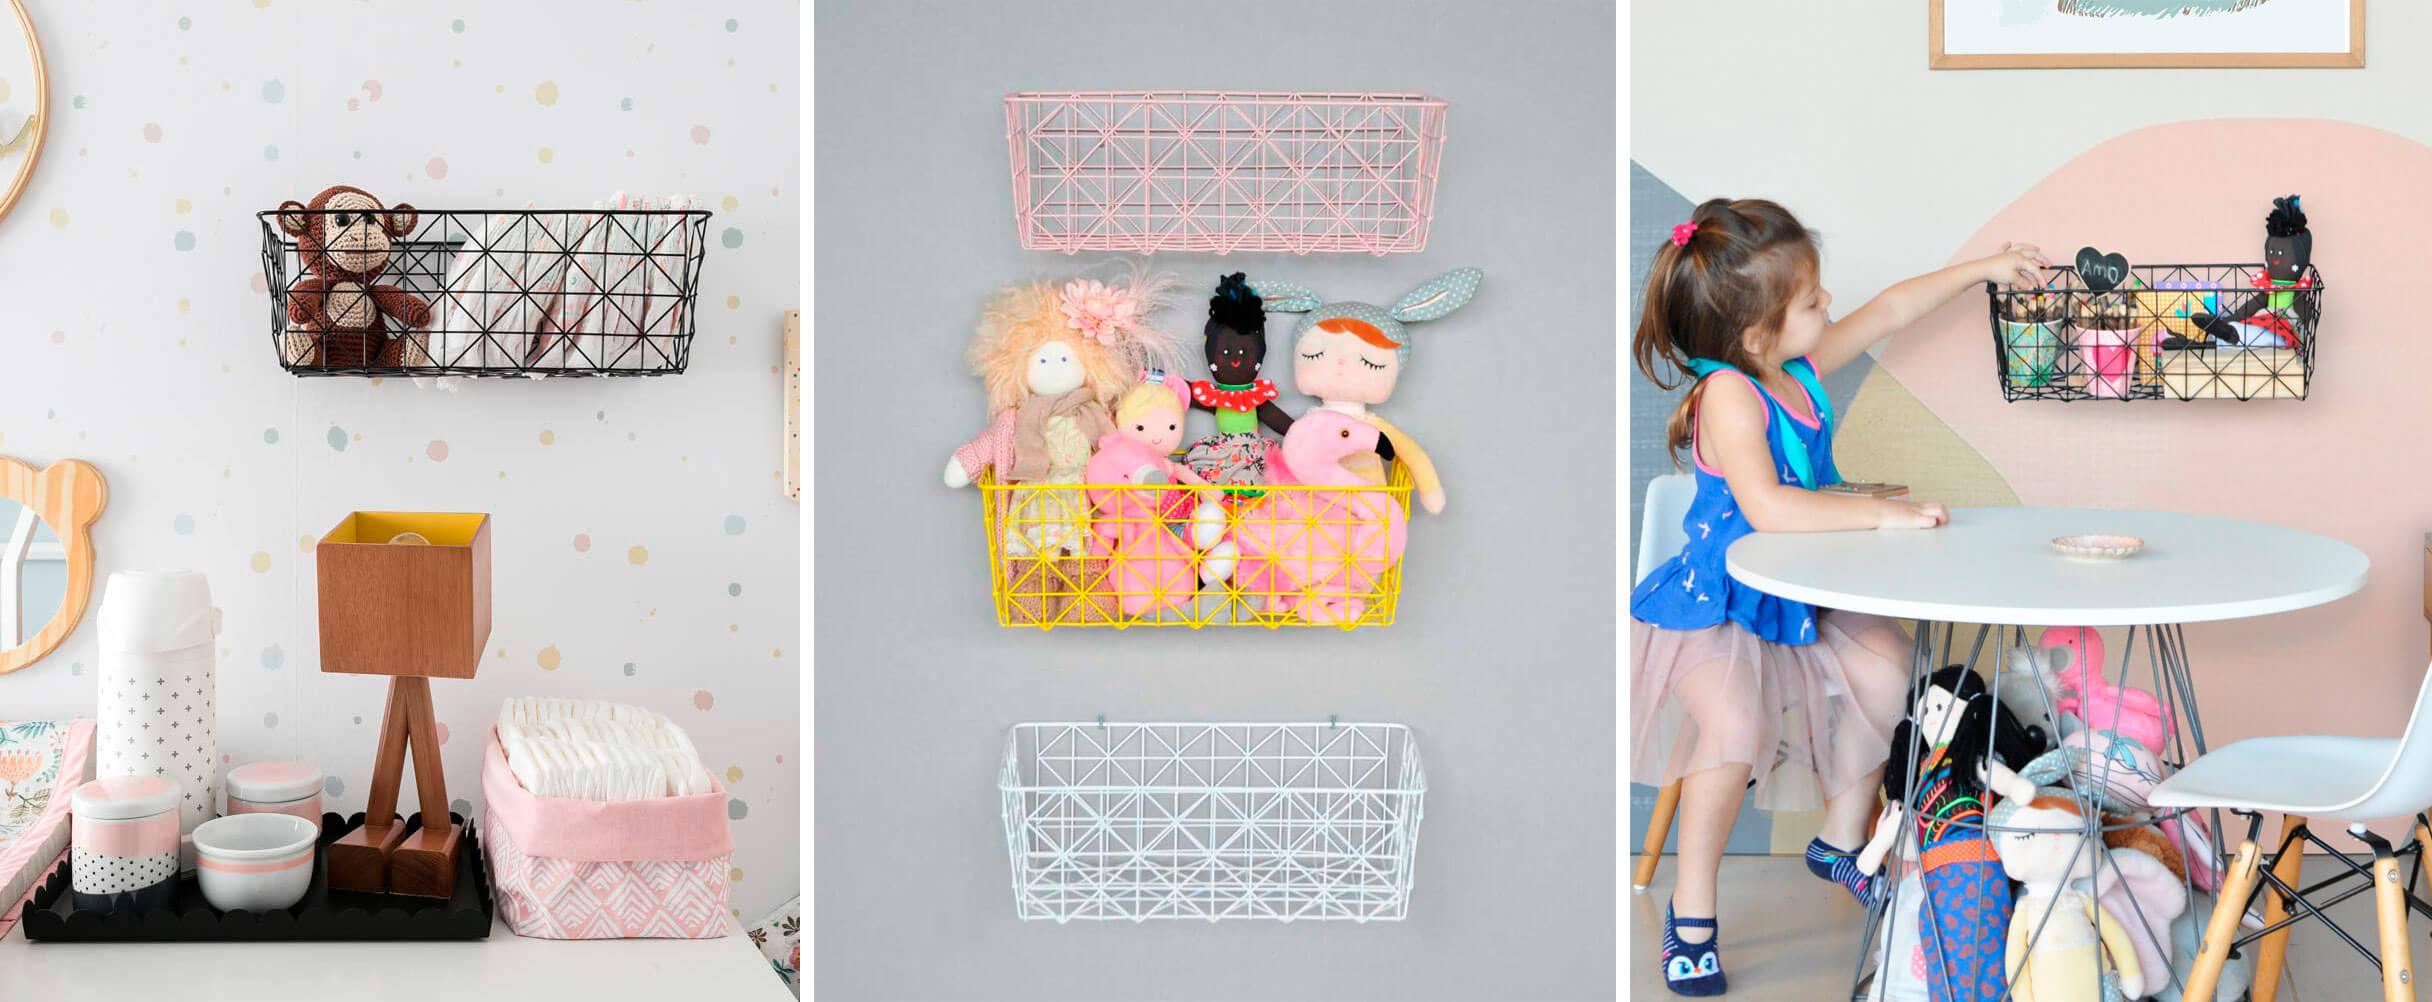 Imagem ilustrativa das prateleiras aramadas, outro produto da Cadô Design que permite expor os brinquedos das crianças como parte da decoração do ambiente.